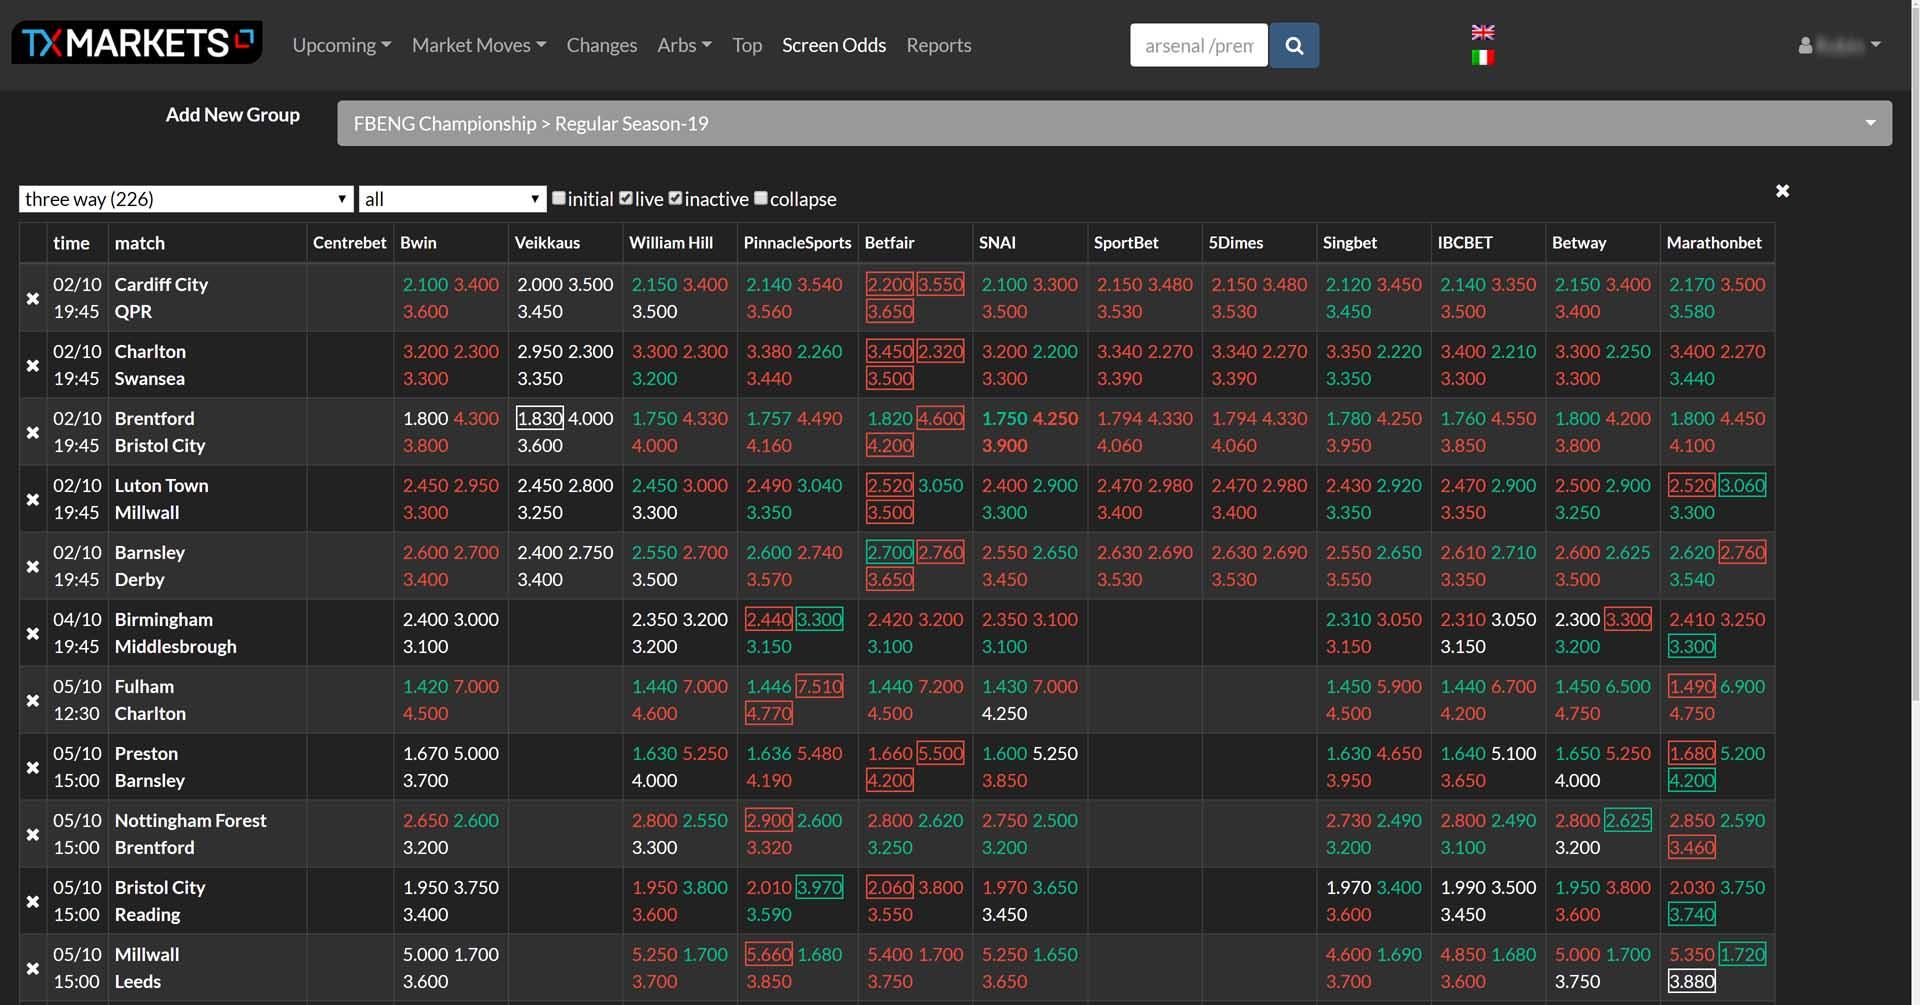 TX Markets OCI